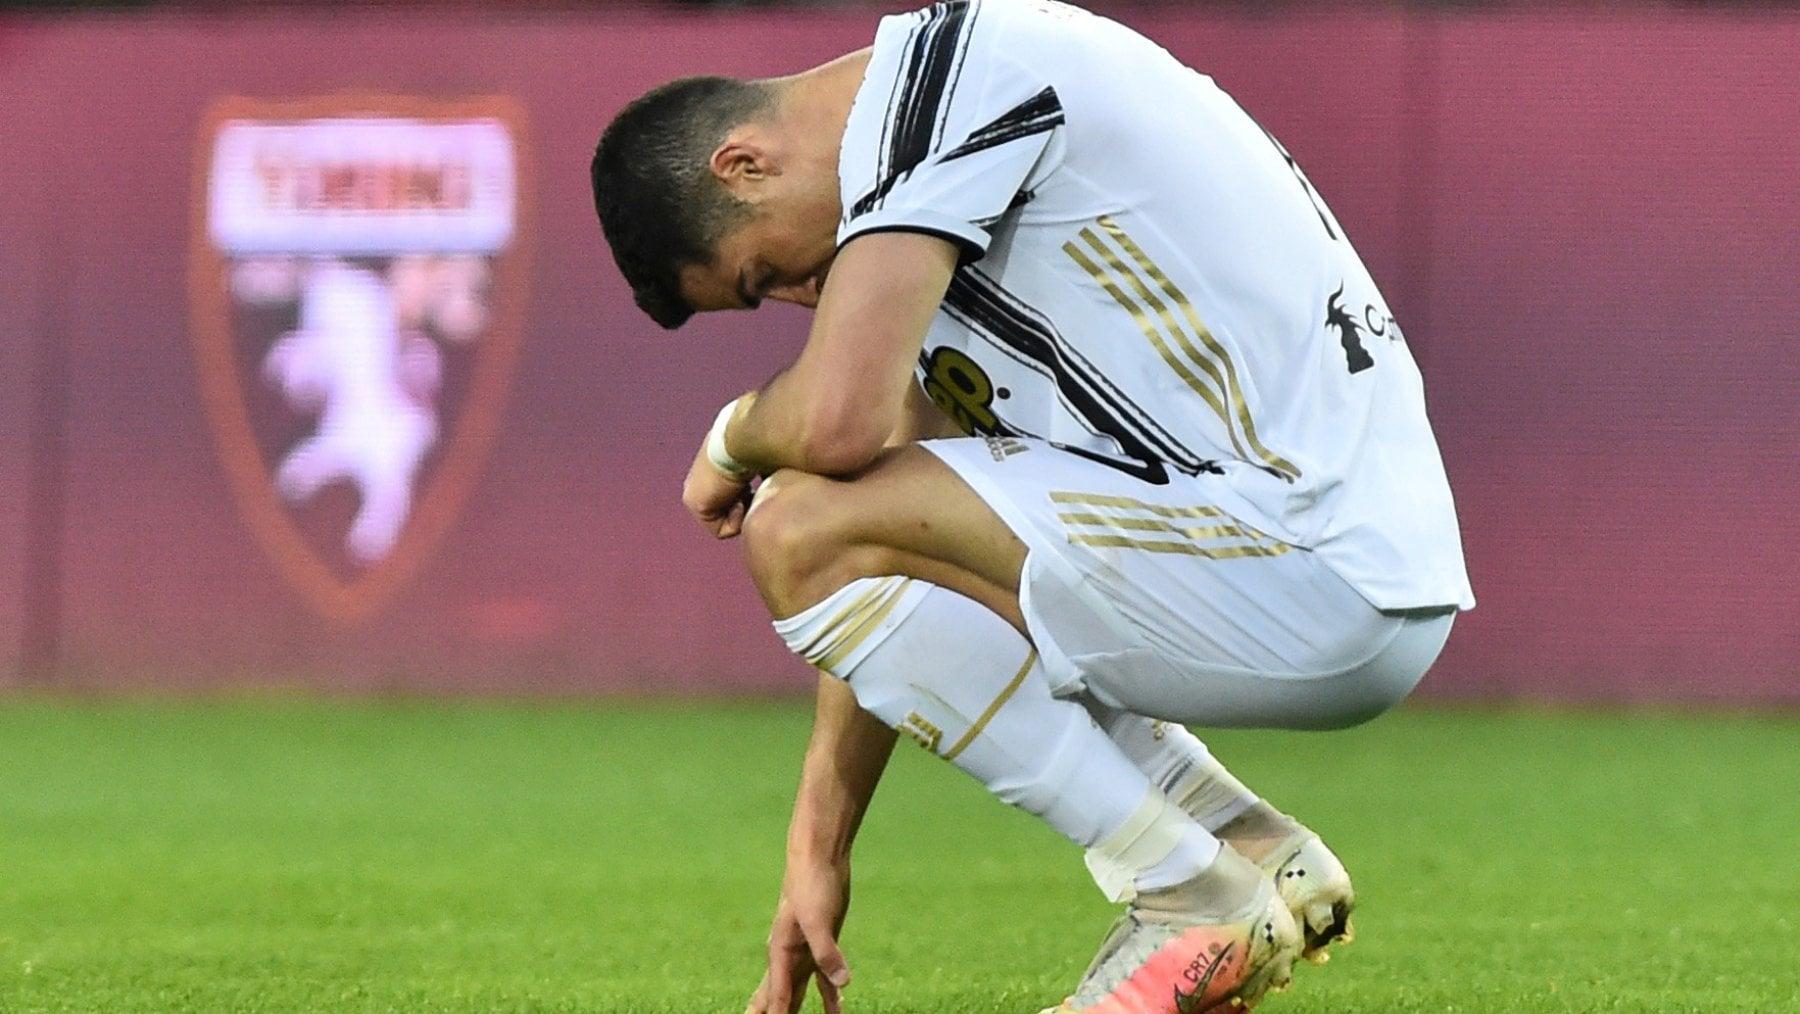 Il ritmo furioso dell'Inter, scudetto certo con 19 punti